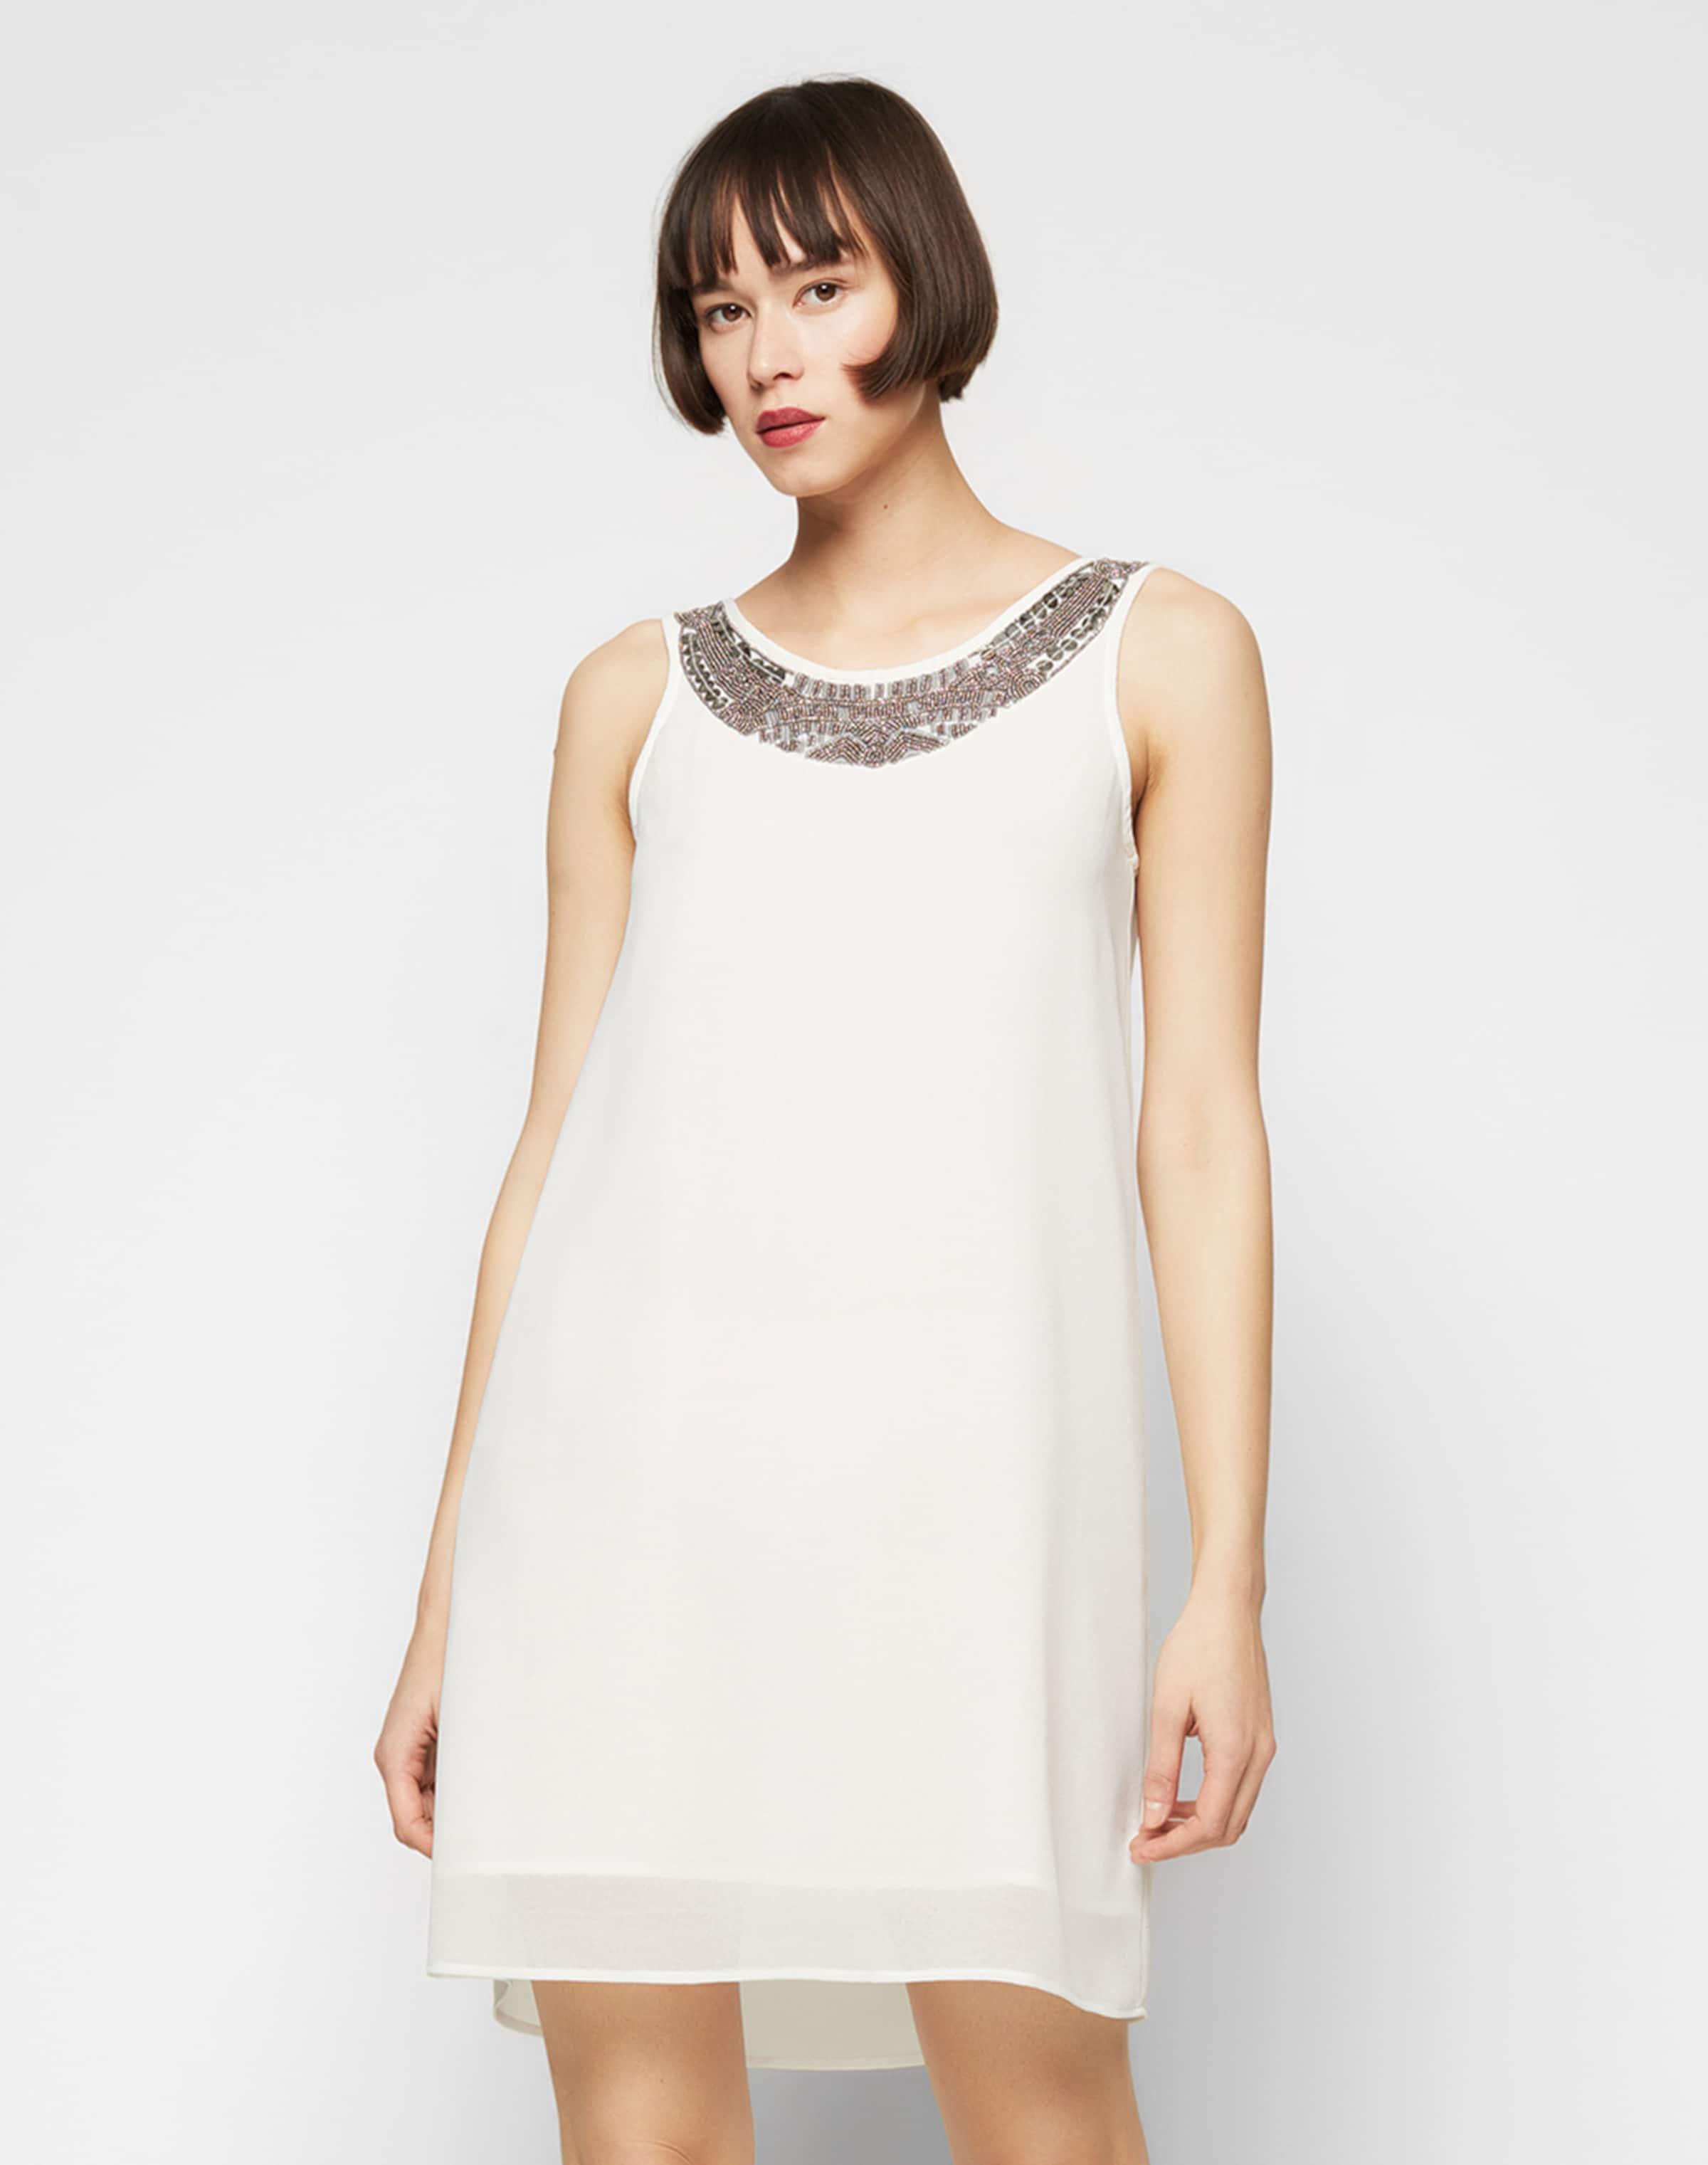 DREIMASTER Kleid mit Glitzer Günstigster Preis Rabatt-Spielraum Shopping-Spielraum Online Gut Verkaufen Steckdose Truhe bhXZ6eYhR